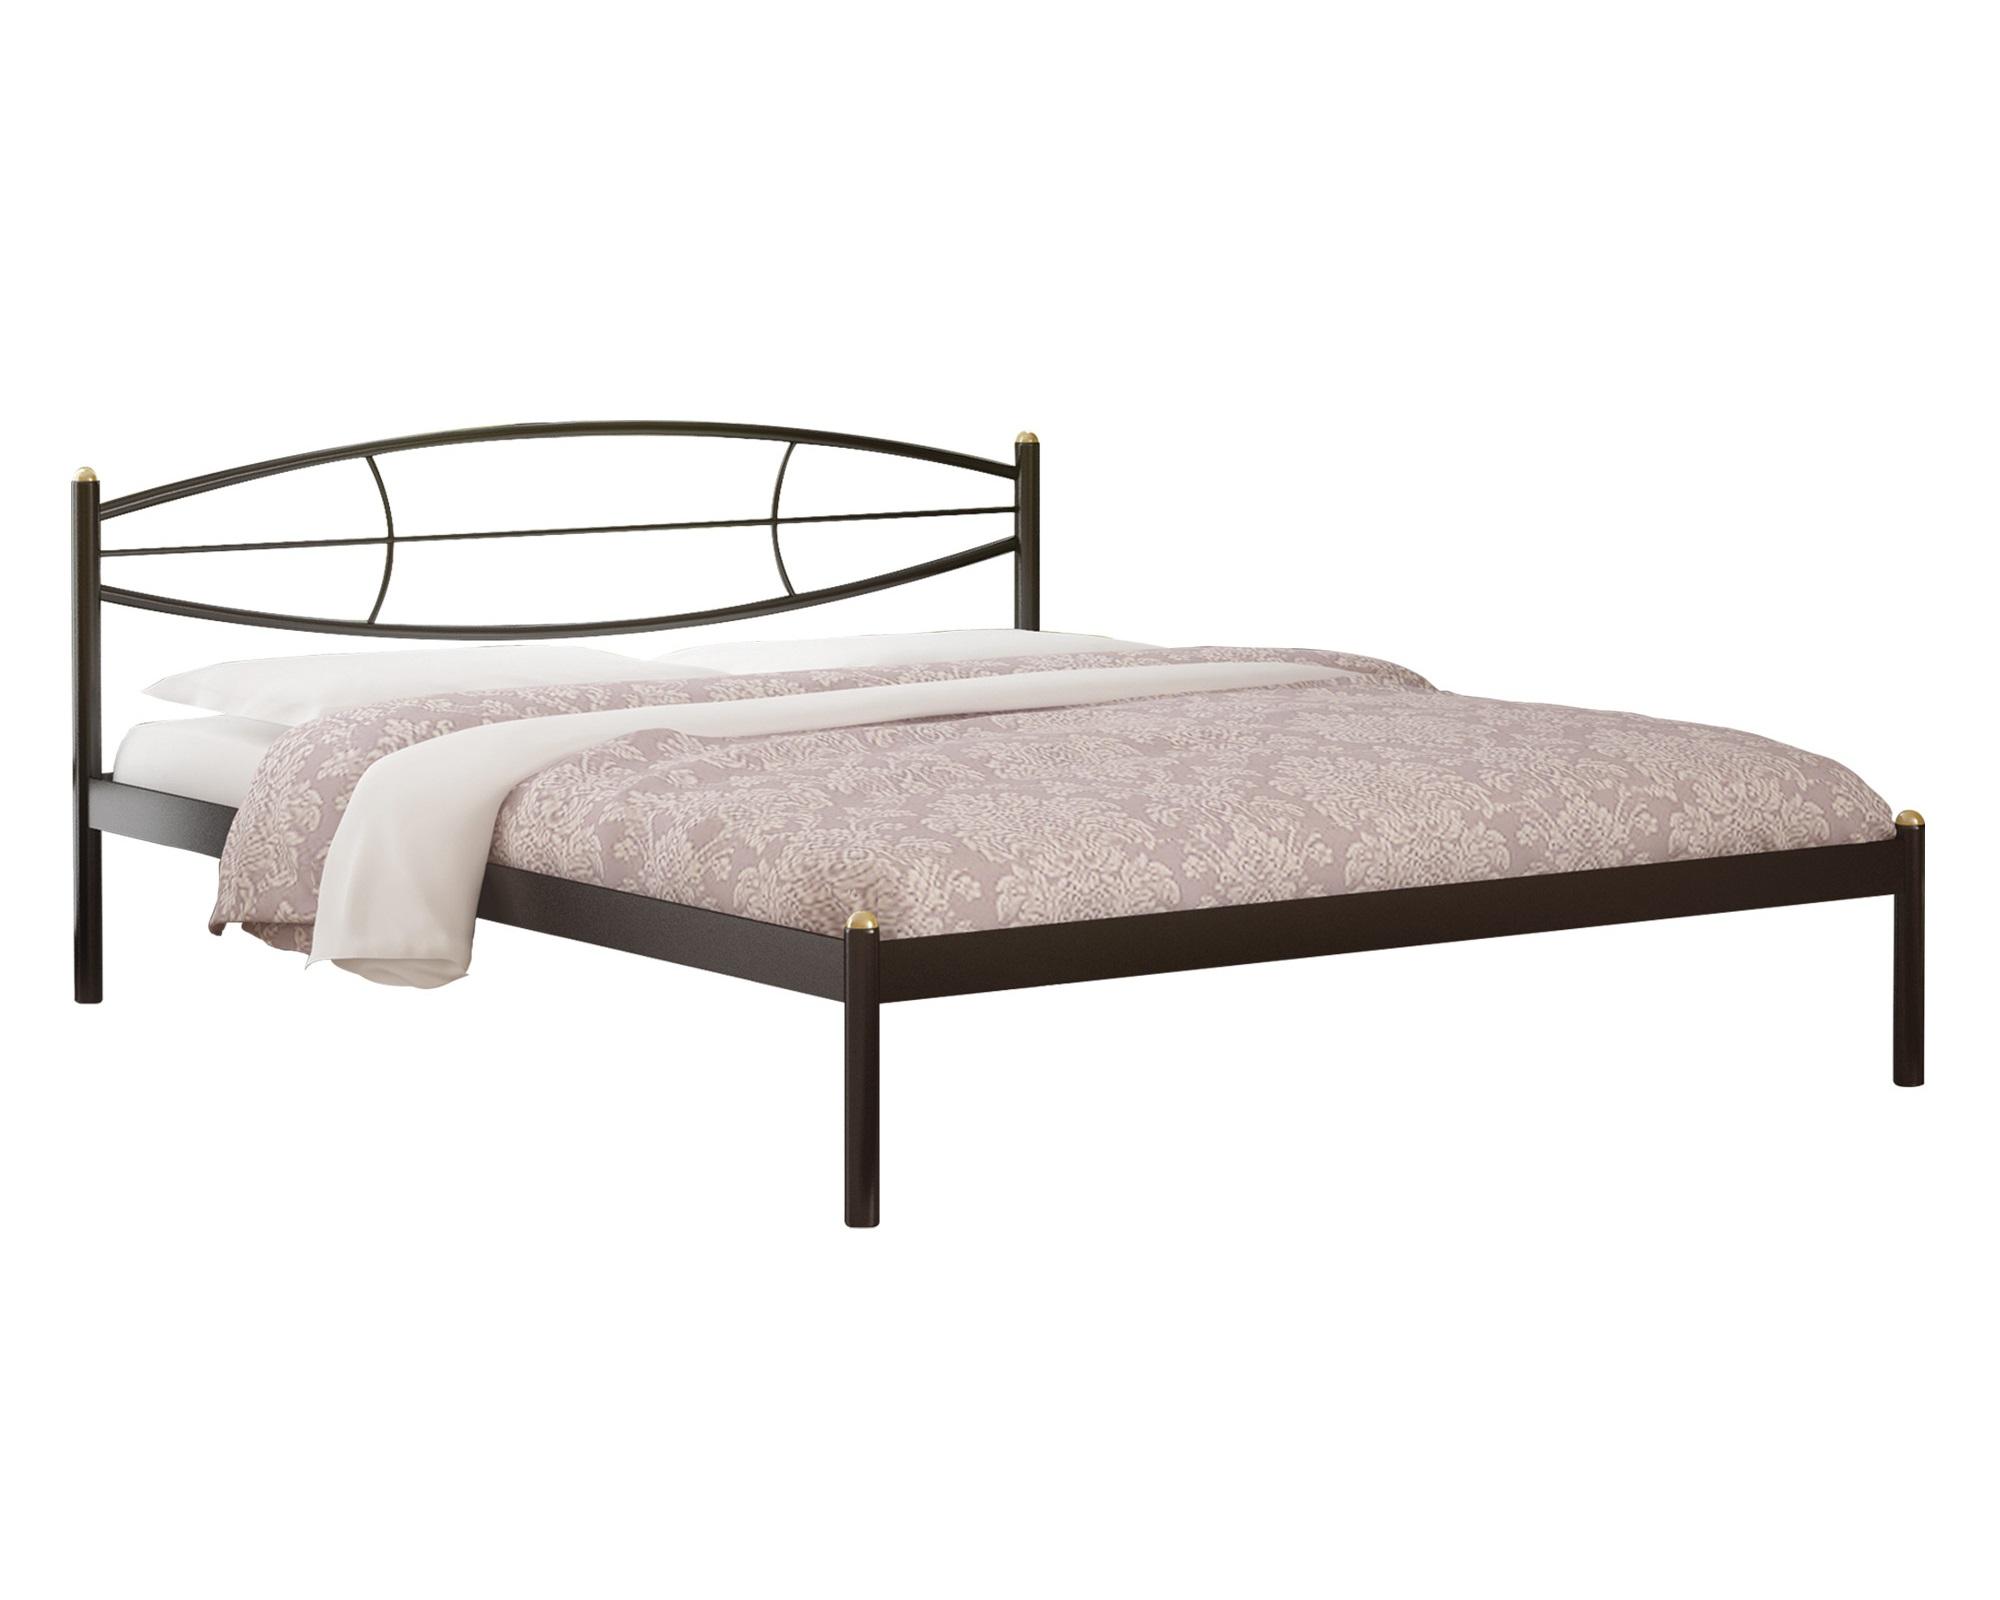 Кровать АураКованые кровати<br>&amp;lt;div&amp;gt;Возможно изготовление кровати в следующих цветах : белый, бежевый, черный, темно розовый, светло розовый, медный антик, красный лак, коричневый, коричневый бархат, золотой, бронза.&amp;amp;nbsp;&amp;lt;/div&amp;gt;&amp;lt;div&amp;gt;&amp;lt;br&amp;gt;&amp;lt;/div&amp;gt;&amp;lt;div&amp;gt;Материал: каркас – металлический, основание – ортопедическое, ламели – береза, заглушки – бук.&amp;amp;nbsp;&amp;lt;/div&amp;gt;&amp;lt;div&amp;gt;&amp;lt;br&amp;gt;&amp;lt;/div&amp;gt;&amp;lt;div&amp;gt;Основание входит в стоимость кровати.&amp;lt;/div&amp;gt;&amp;lt;div&amp;gt;Размер спального места 200 см x 160 см.&amp;amp;nbsp;&amp;lt;/div&amp;gt;<br><br>Material: Металл<br>Length см: None<br>Width см: 165<br>Depth см: 205<br>Height см: 77.5<br>Diameter см: None